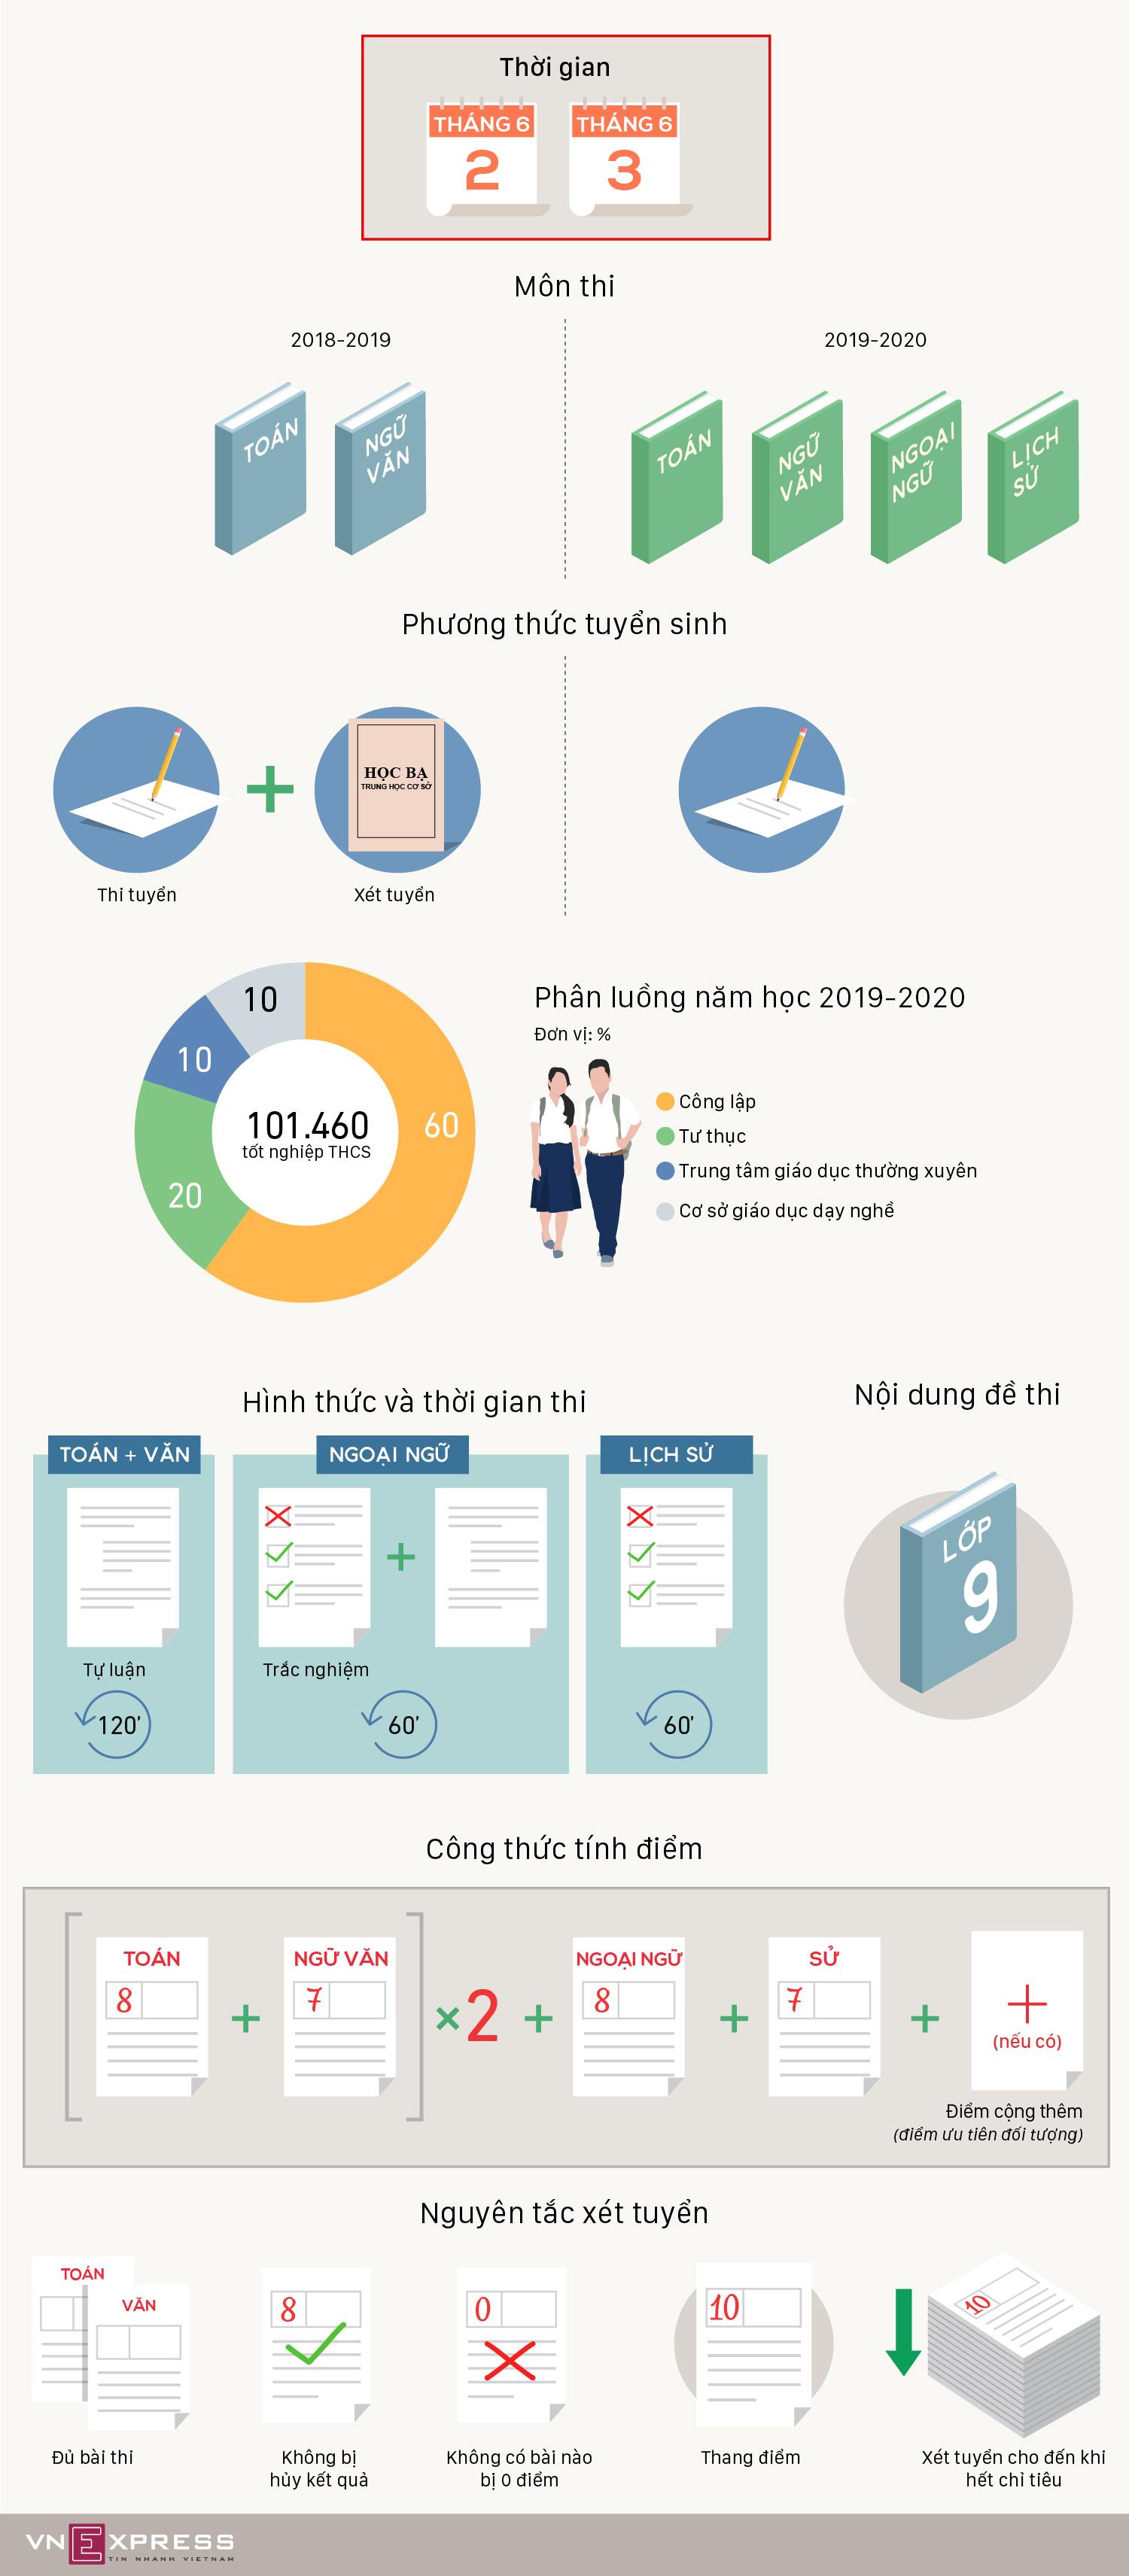 Phương thức xét tuyển vào lớp 10 công lập ở Hà Nội